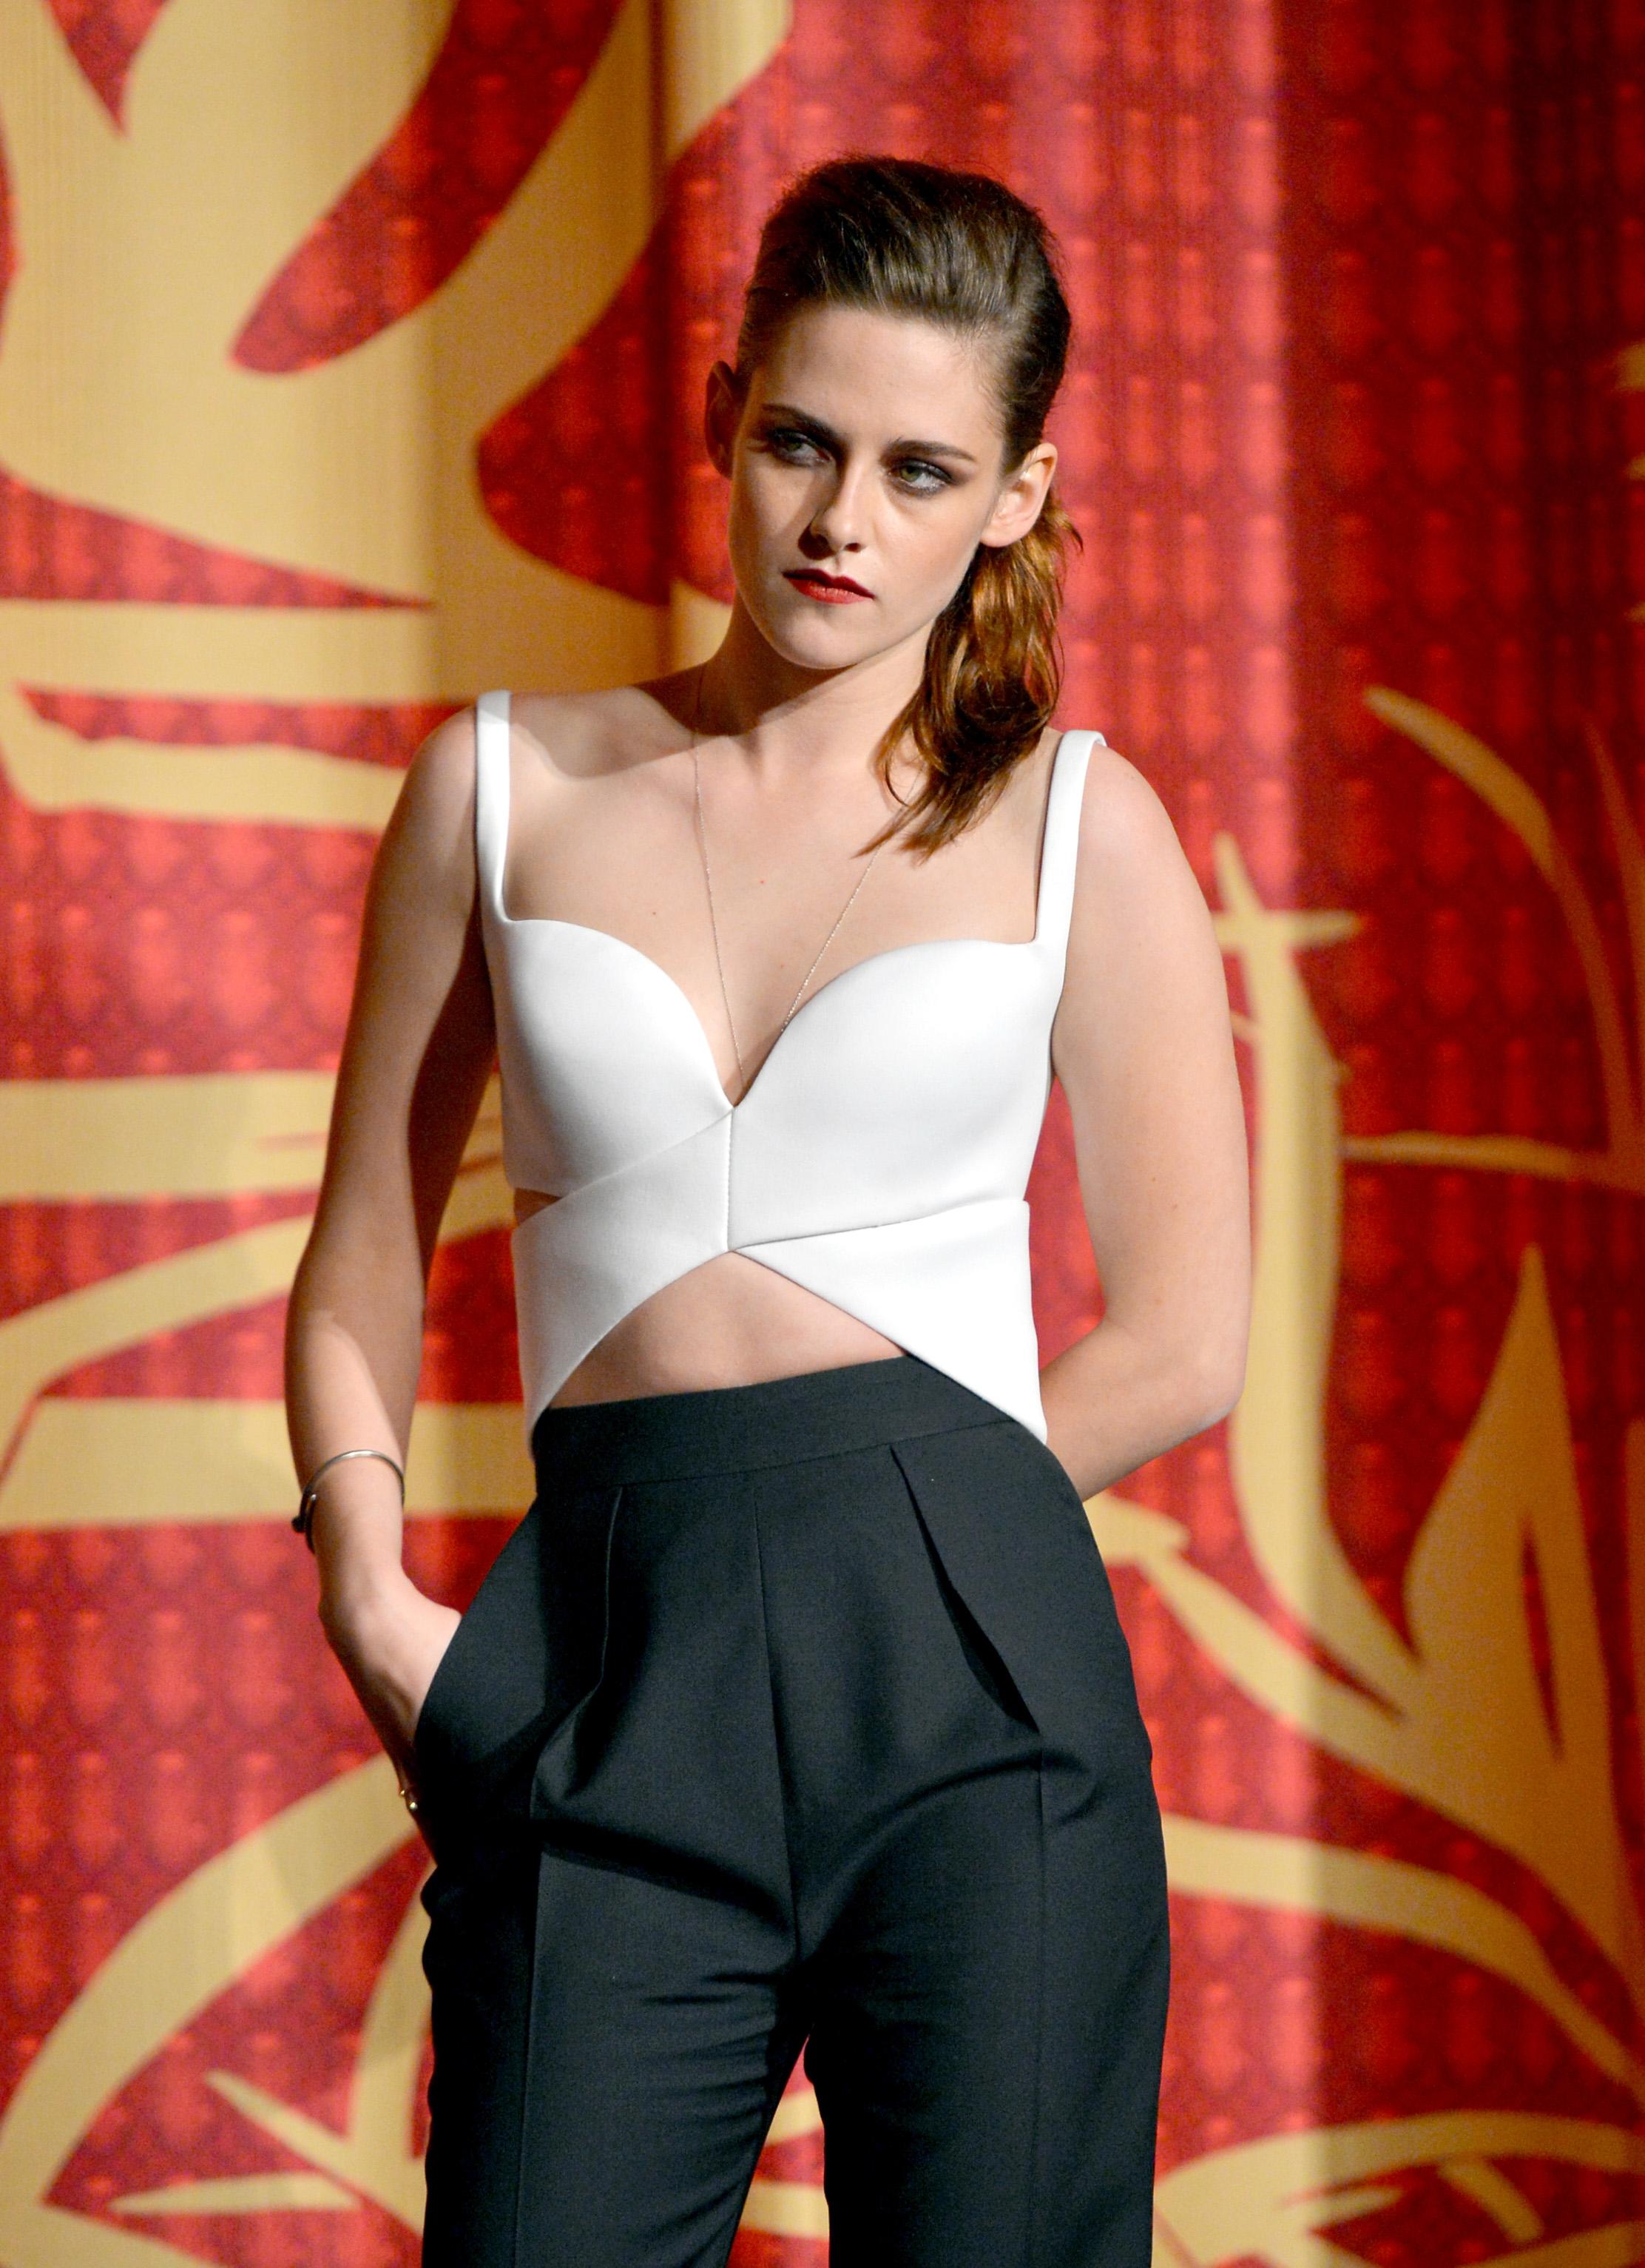 Kristen Stewart Hot Style Photos